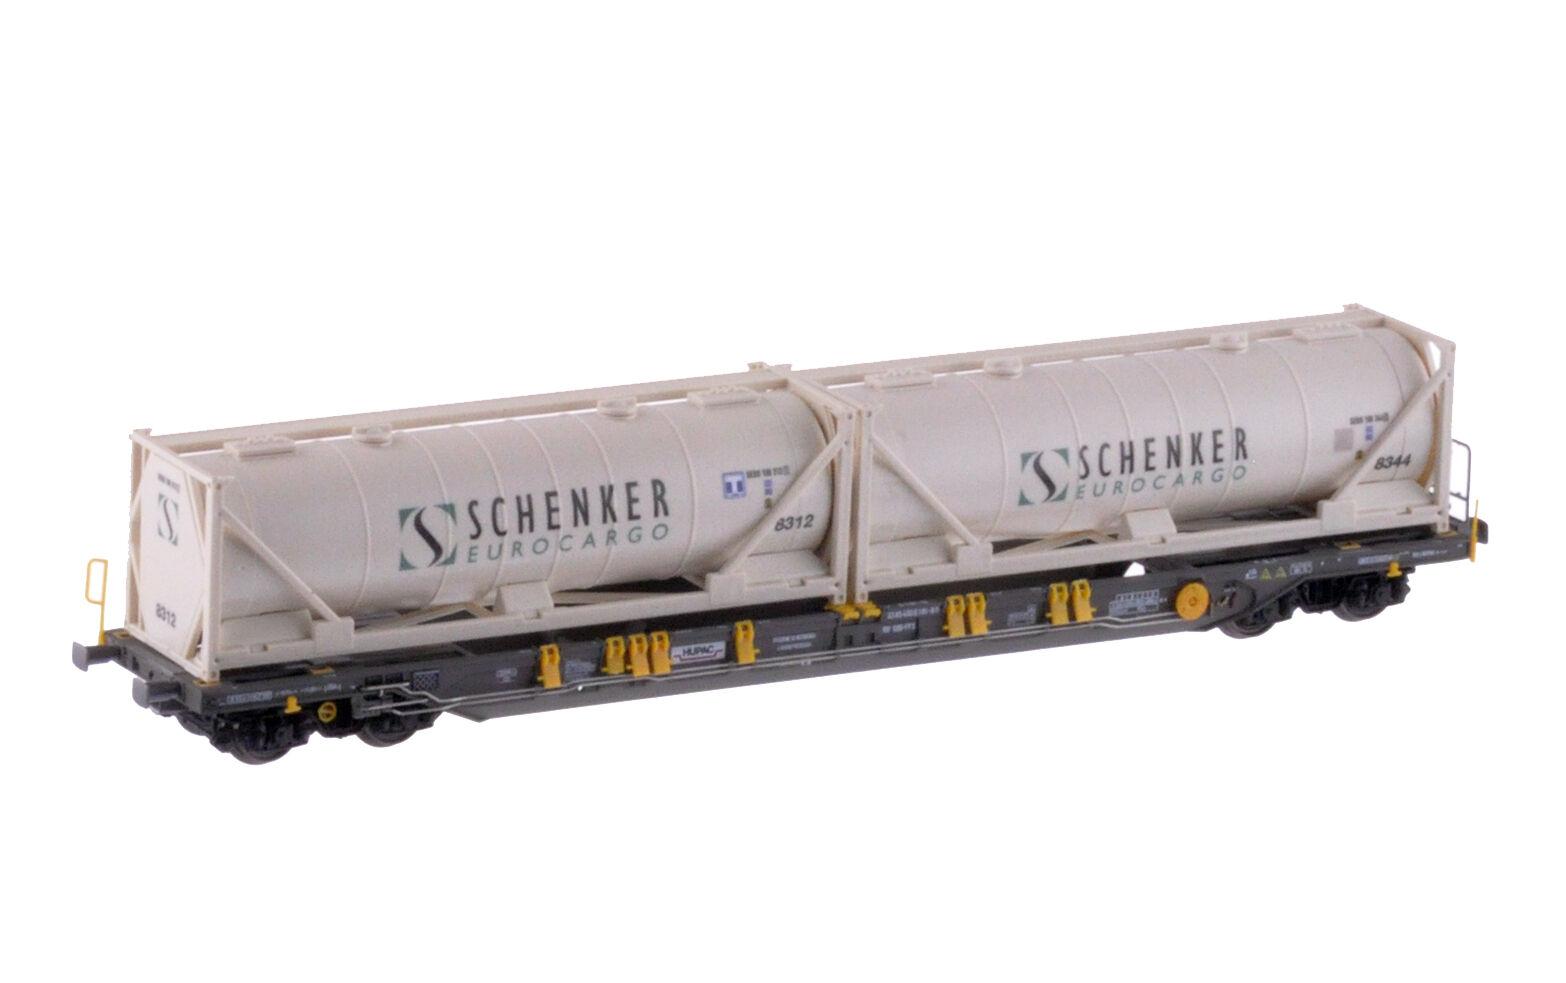 Modelo combi 20378.01 SBB hupag 4 alineación taschenwag 2x30' schneker ep5 limit nuevo + embalaje original